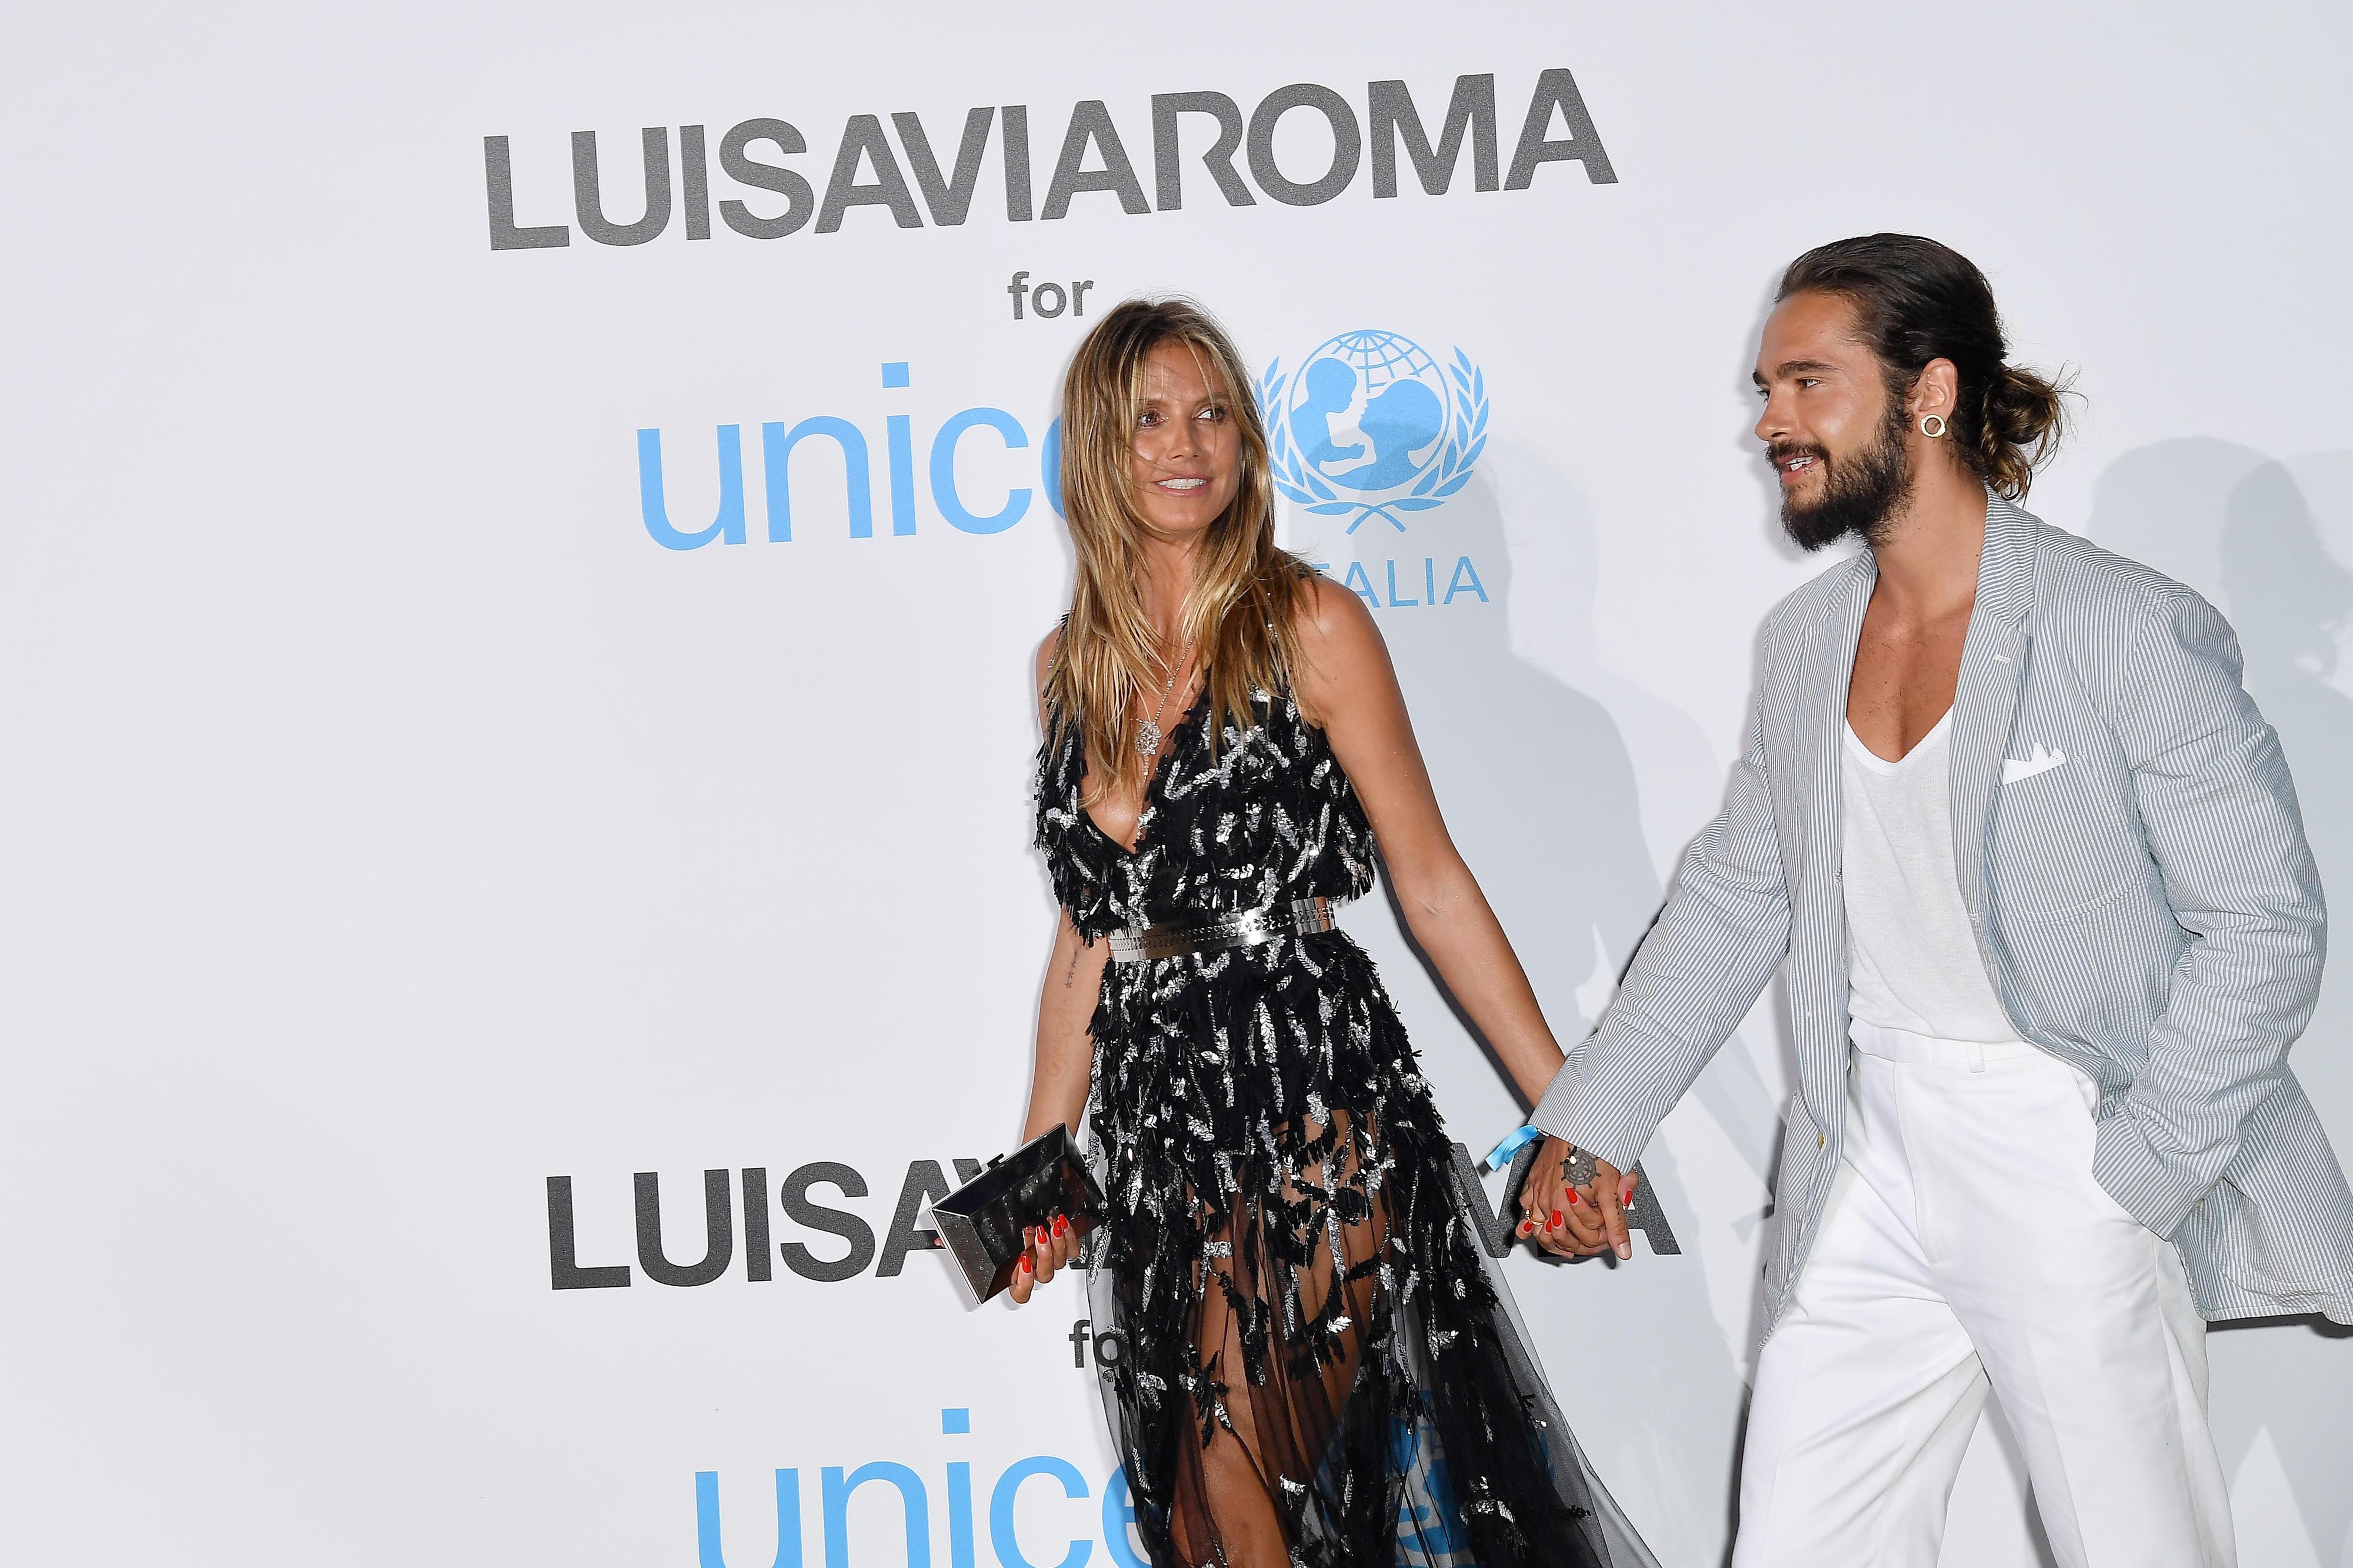 Heidi Klum Und Tom Kaulitz Feiern Ihre Liebe Mit Heissem Video